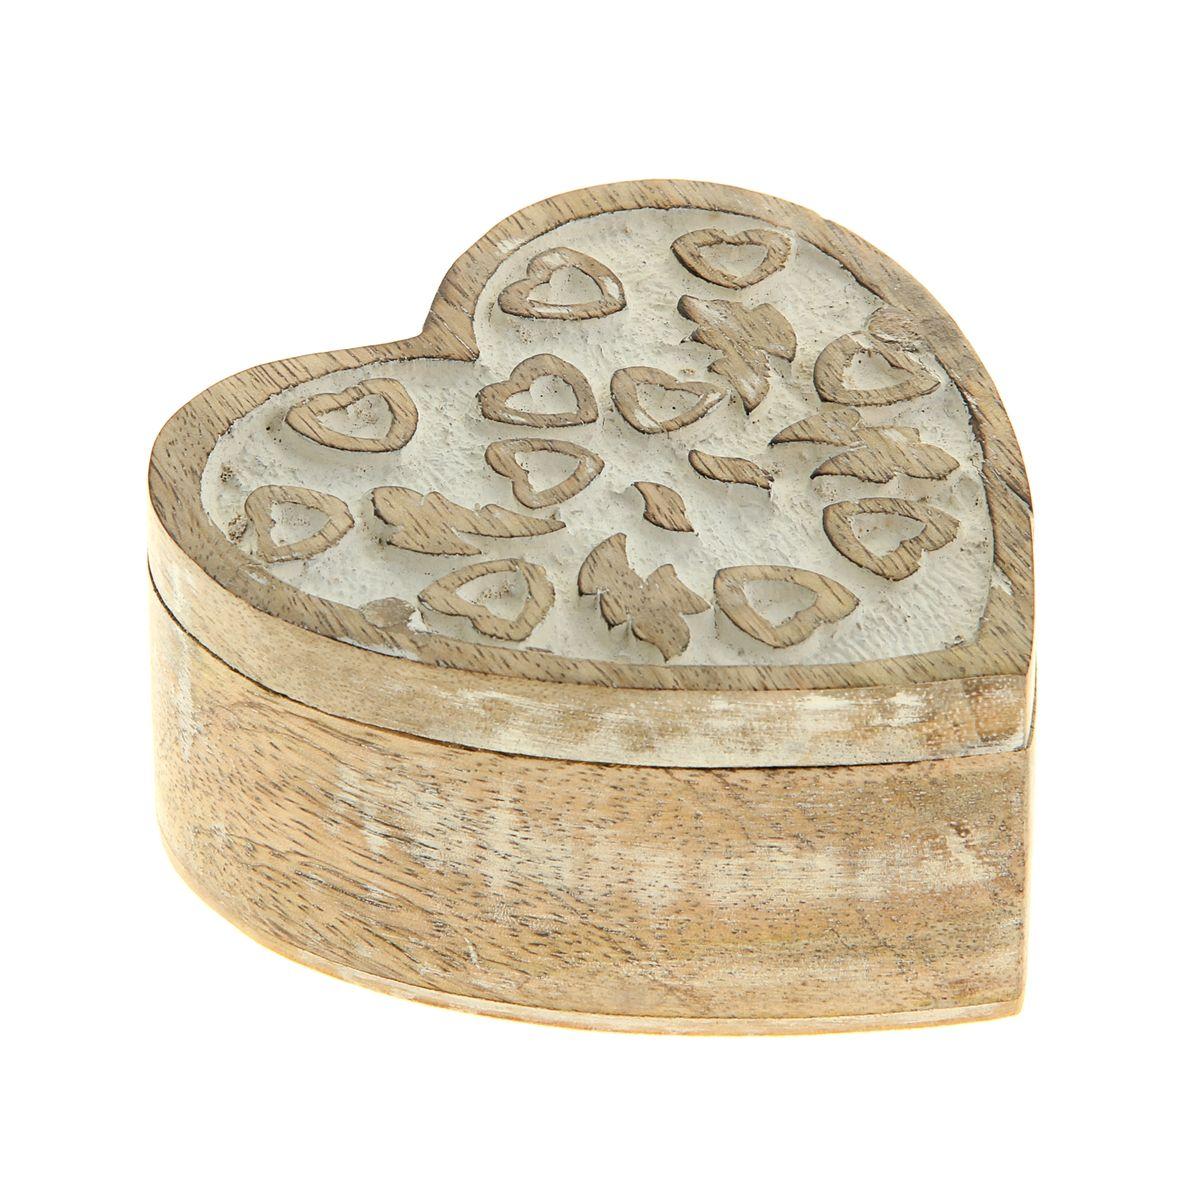 Шкатулка Sima-land Амур, 10 х 10 х 4,5 см839533Шкатулка Sima-land Амур изготовлена из дерева - натурального материала, словно пропитанного теплом яркого солнца. Изделие выполнено в форме сердца. Резная крышка украшена узором в виде сердечек. Внутри одно отделение. Такая шкатулка - не простой сувенир. Ее функция не только декоративная, но и сугубо практическая - служить удобным и надежным местом для хранения самых разных мелочей. Разумеется, особо неравнодушны к этим элегантным предметам интерьера женщины. Мастерицы кладут в шкатулки швейные и рукодельные принадлежности. Модницы и светские львицы - любимые украшения и аксессуары. И, конечно, многие представительницы прекрасного пола хранят в шкатулках, убранных в укромный уголок, какие-то памятные знаки: фотографии, старые письма, сувениры, напоминающие о важных событиях и особо счастливых моментах, сухие лепестки роз и другие небольшие сокровища.